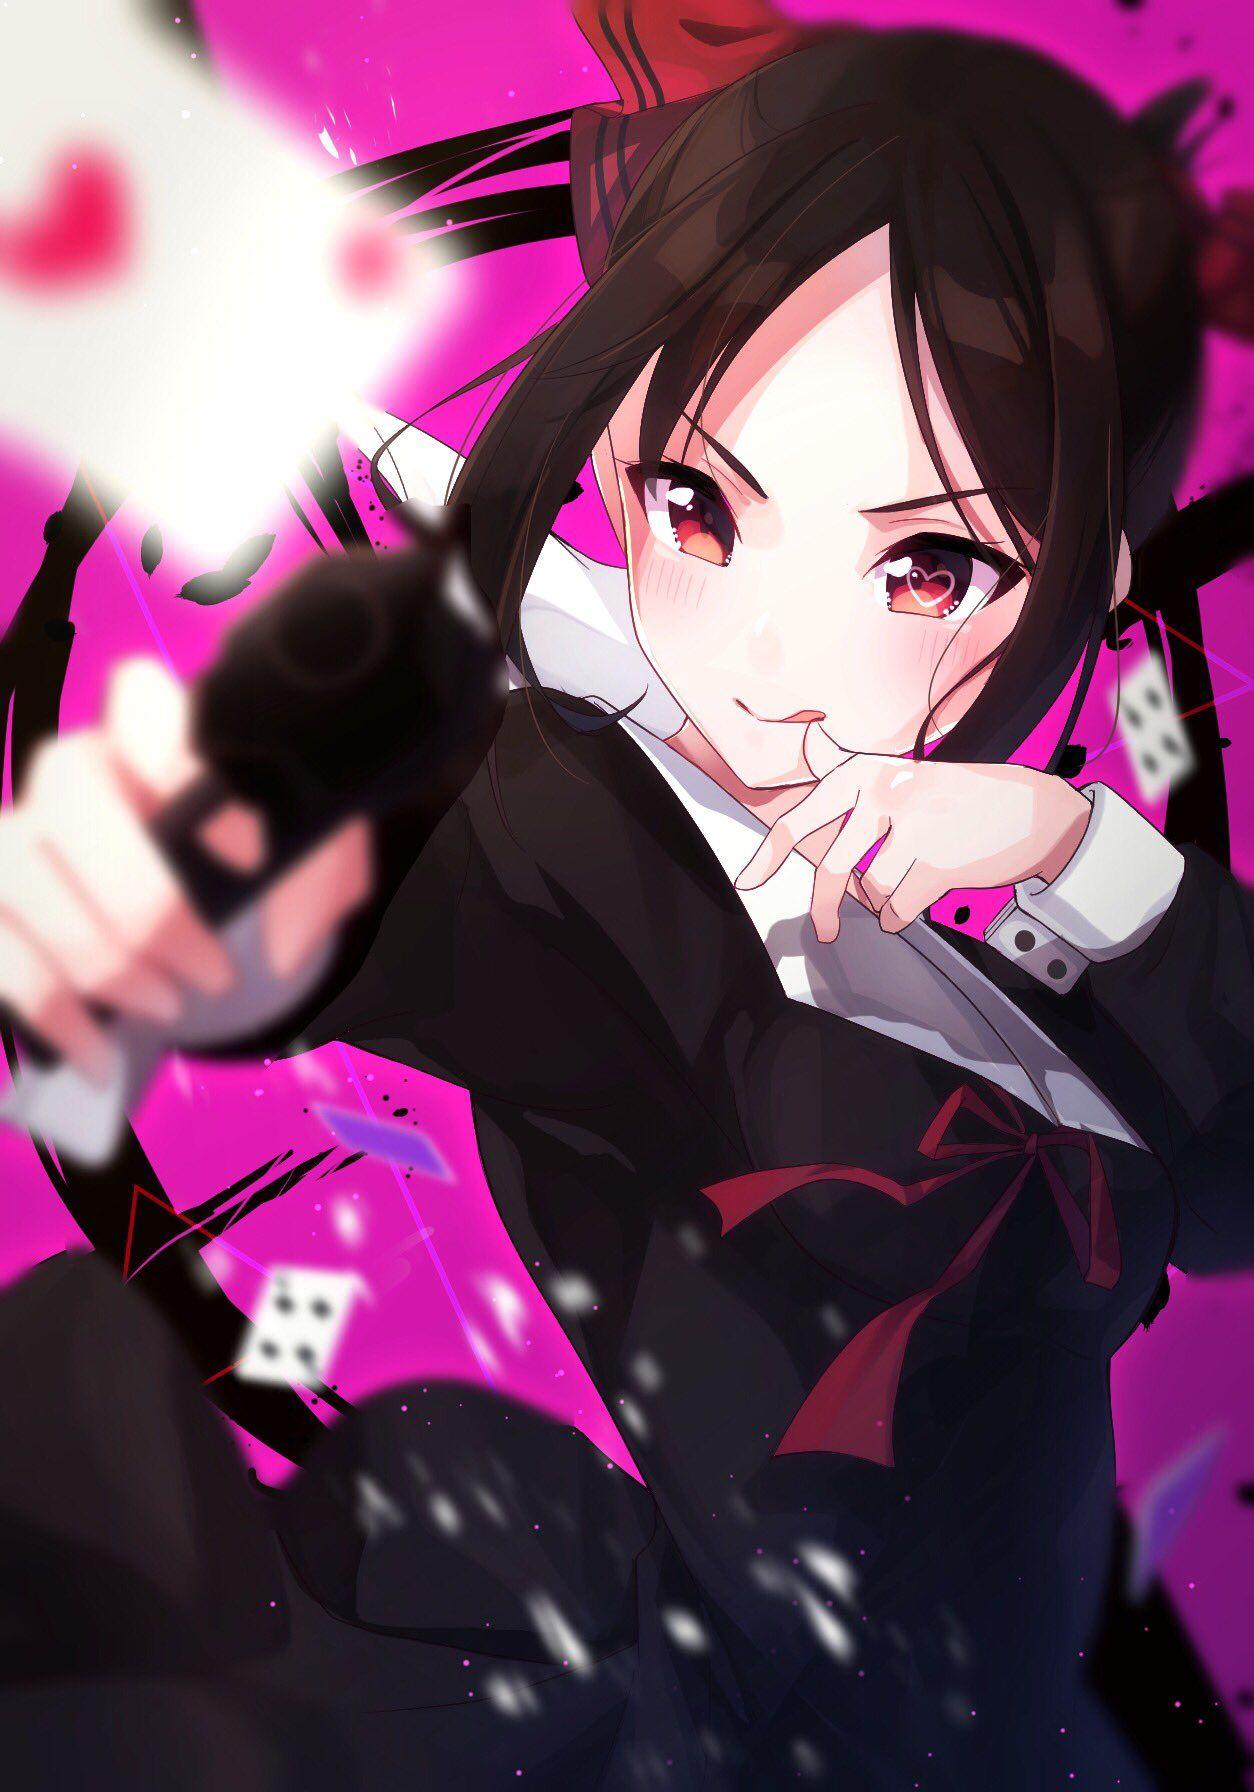 ごろー On アニメチビ 美しいアニメガール 女性 アニメ